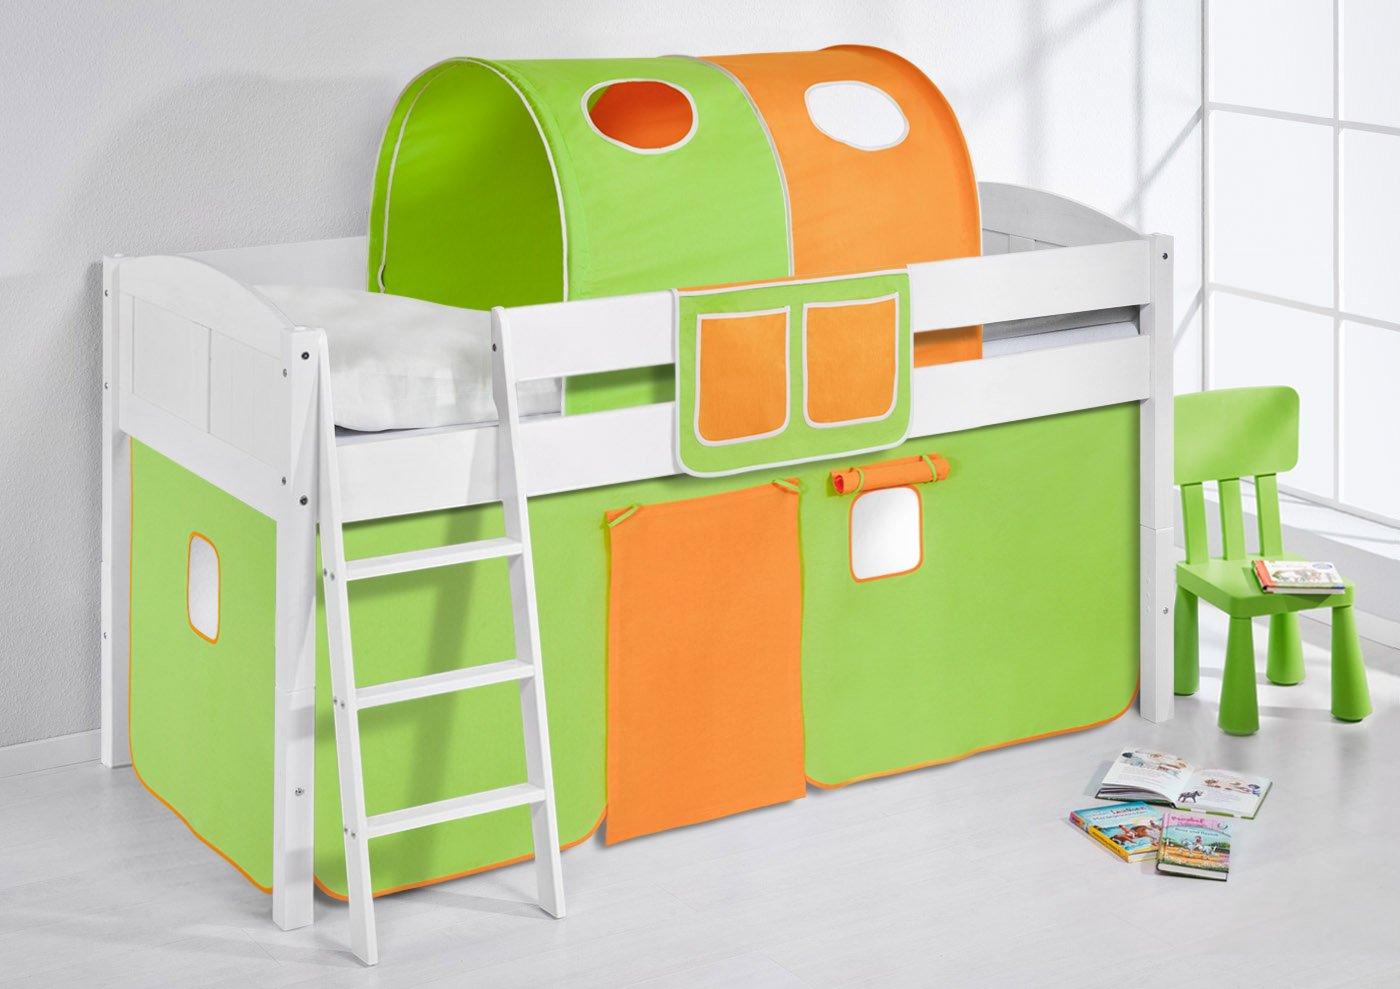 Spielbett IDA 4106 Grün Orange Lilokids Teilbares Systemhochbett LILOKIDS Weiß mit Vorhang Grün-Orange kiefer günstig kaufen